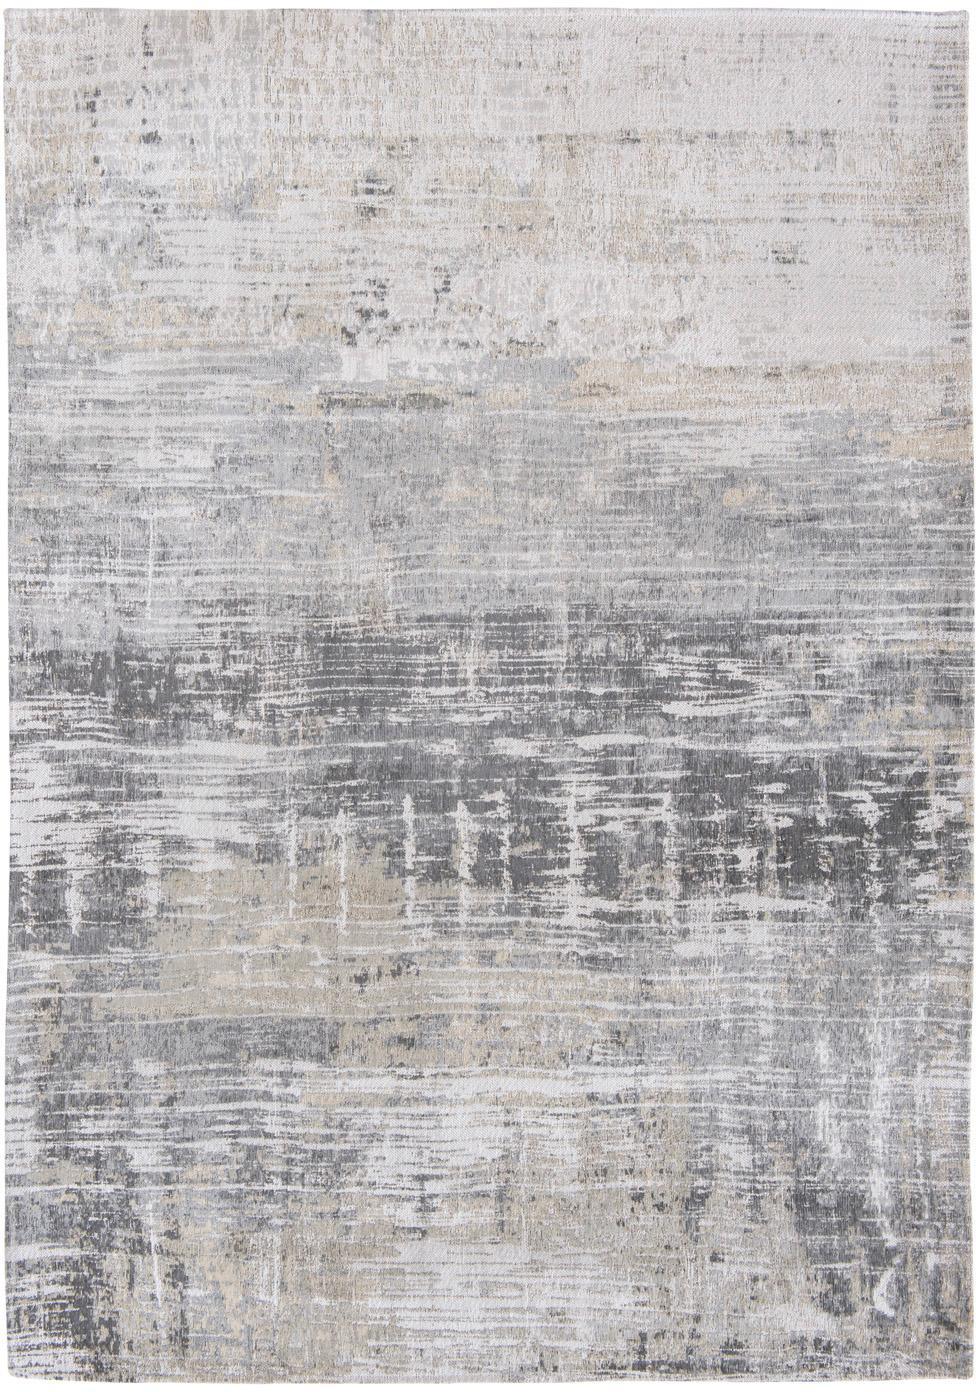 Designteppich Streaks in Grau, Vorderseite: 85%Baumwolle, 15%hochgl, Webart: Jacquard, Rückseite: Baumwollgemisch, latexbes, Grautöne, B 140 x L 200 cm (Größe S)